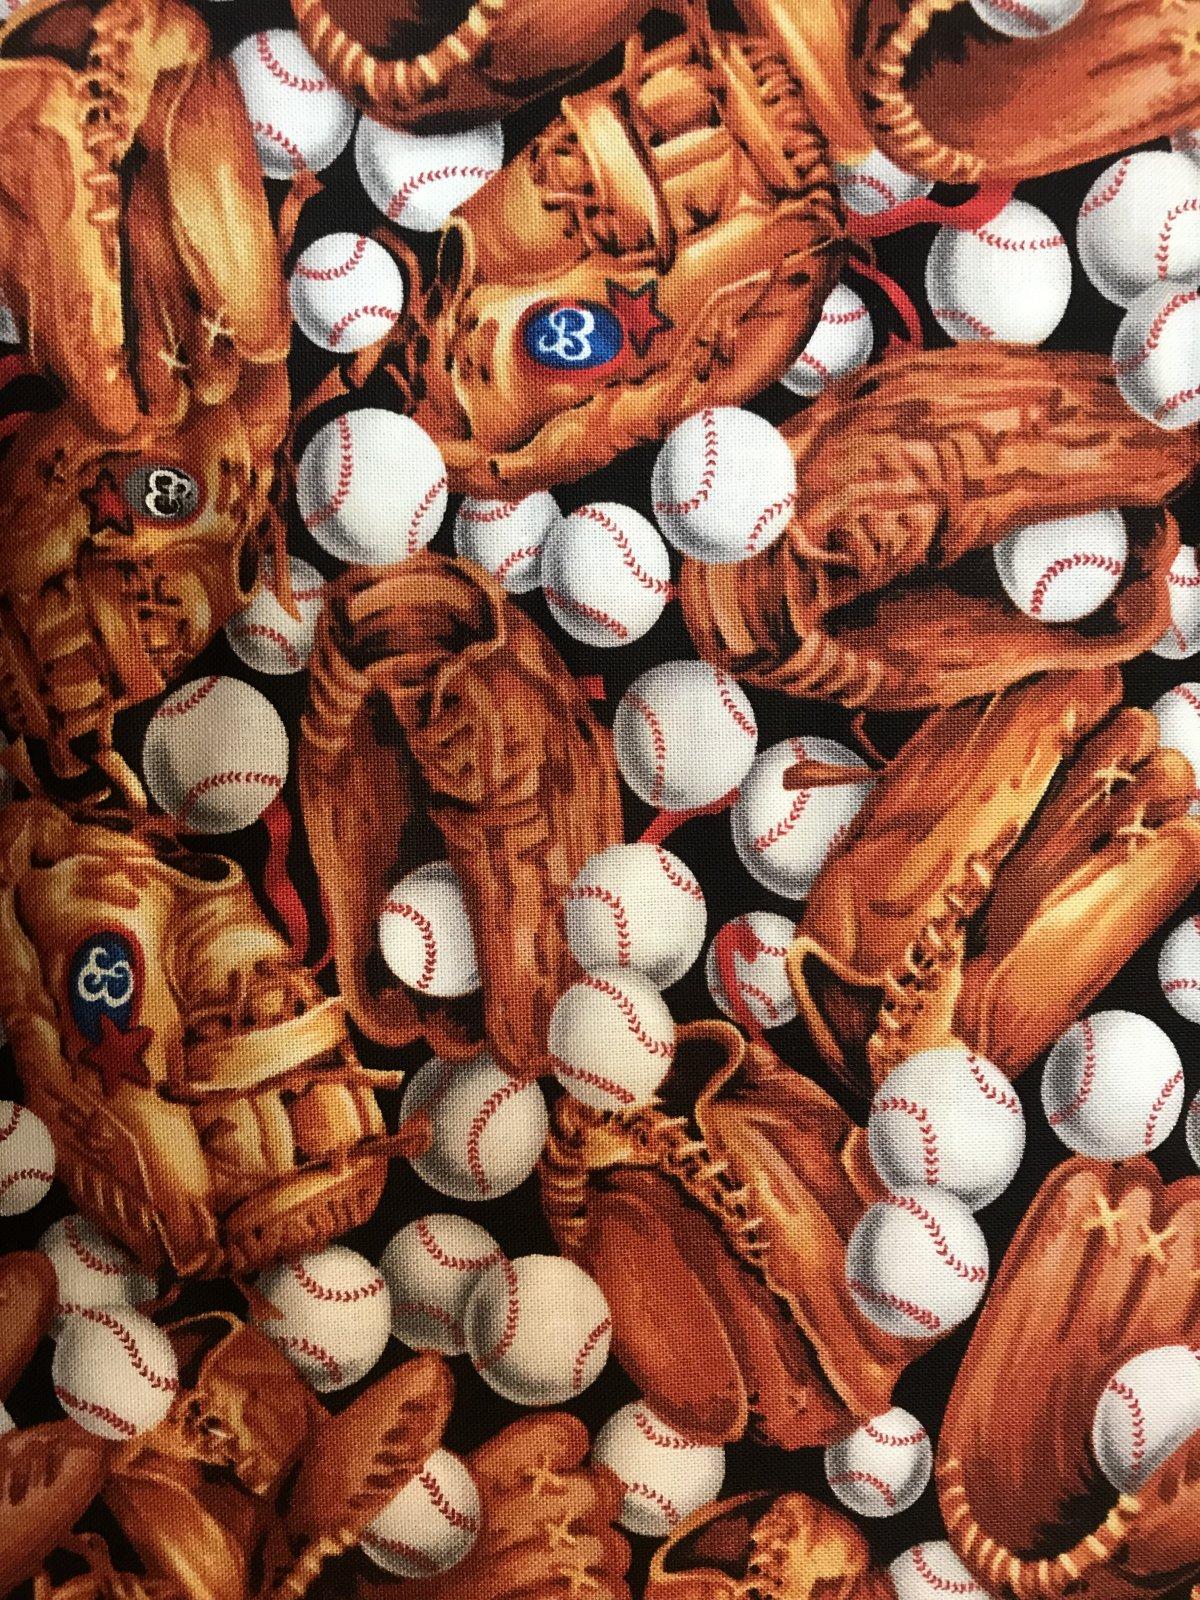 Sports Baseballs and Gloves OA6011101-015